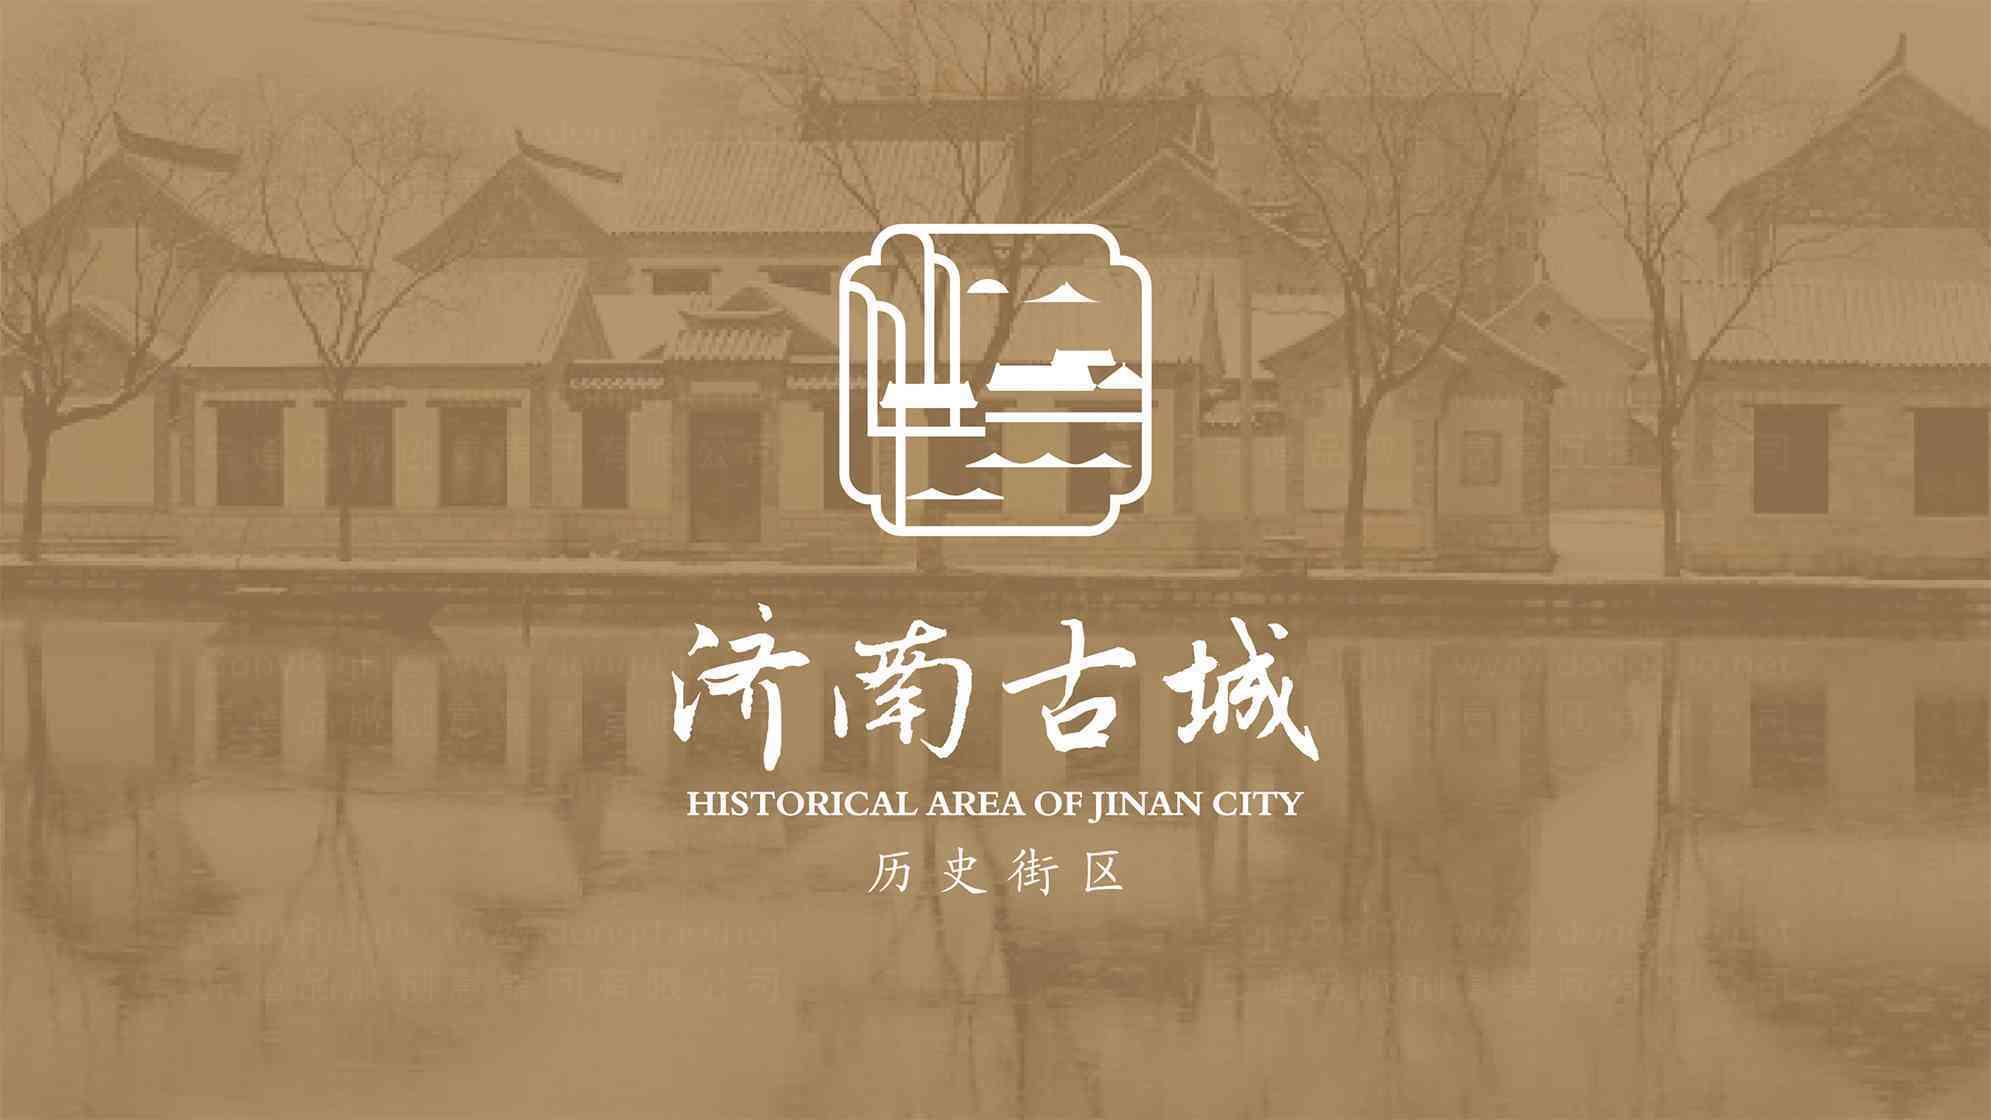 品牌设计案例济南古城(明府城)LOGO&VI设计